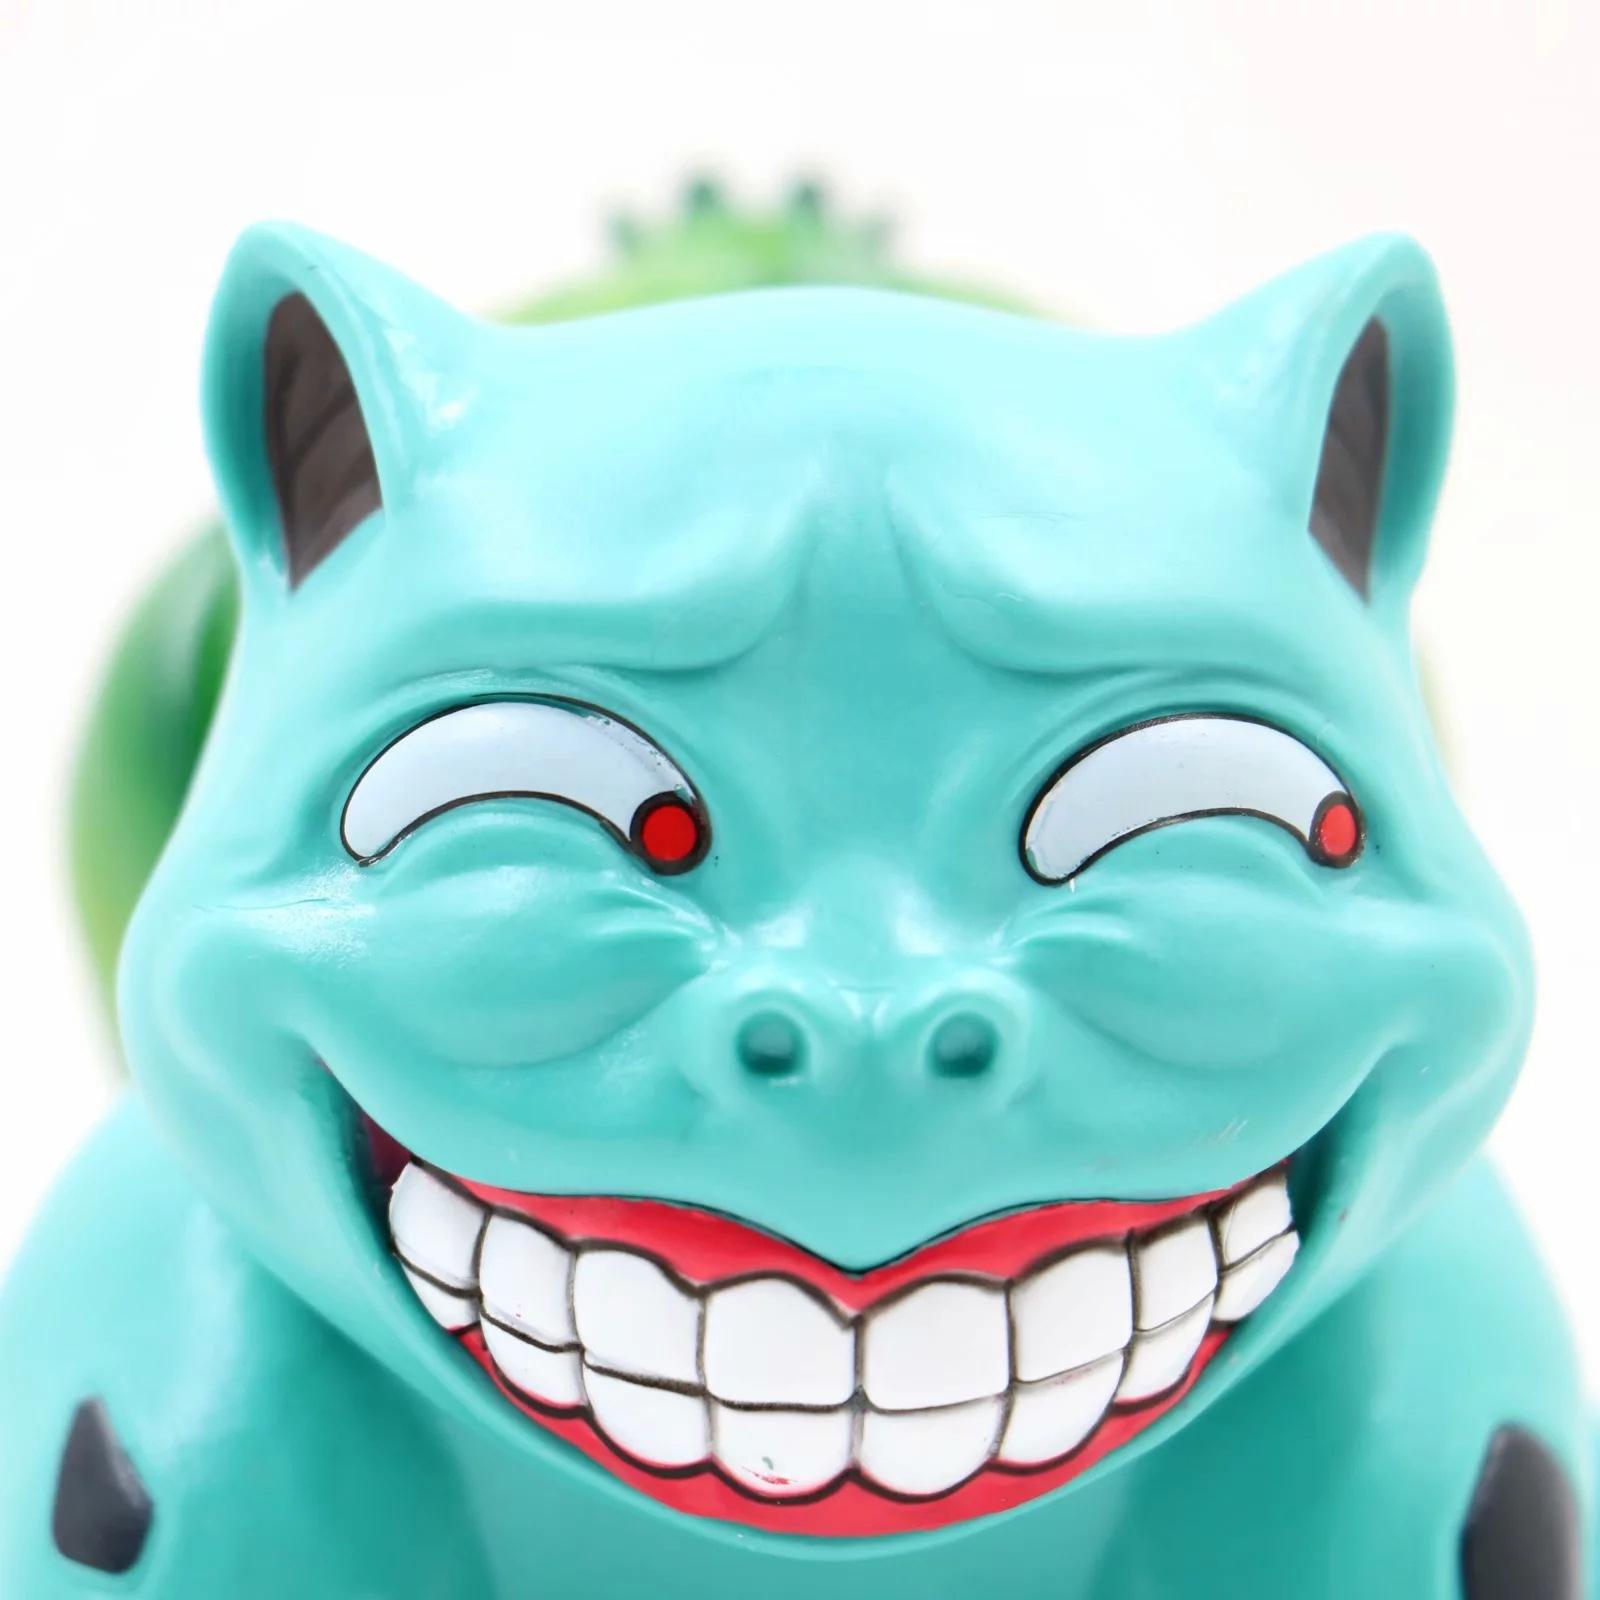 抖音同款玩具:邪恶的神奇宝贝手办-2